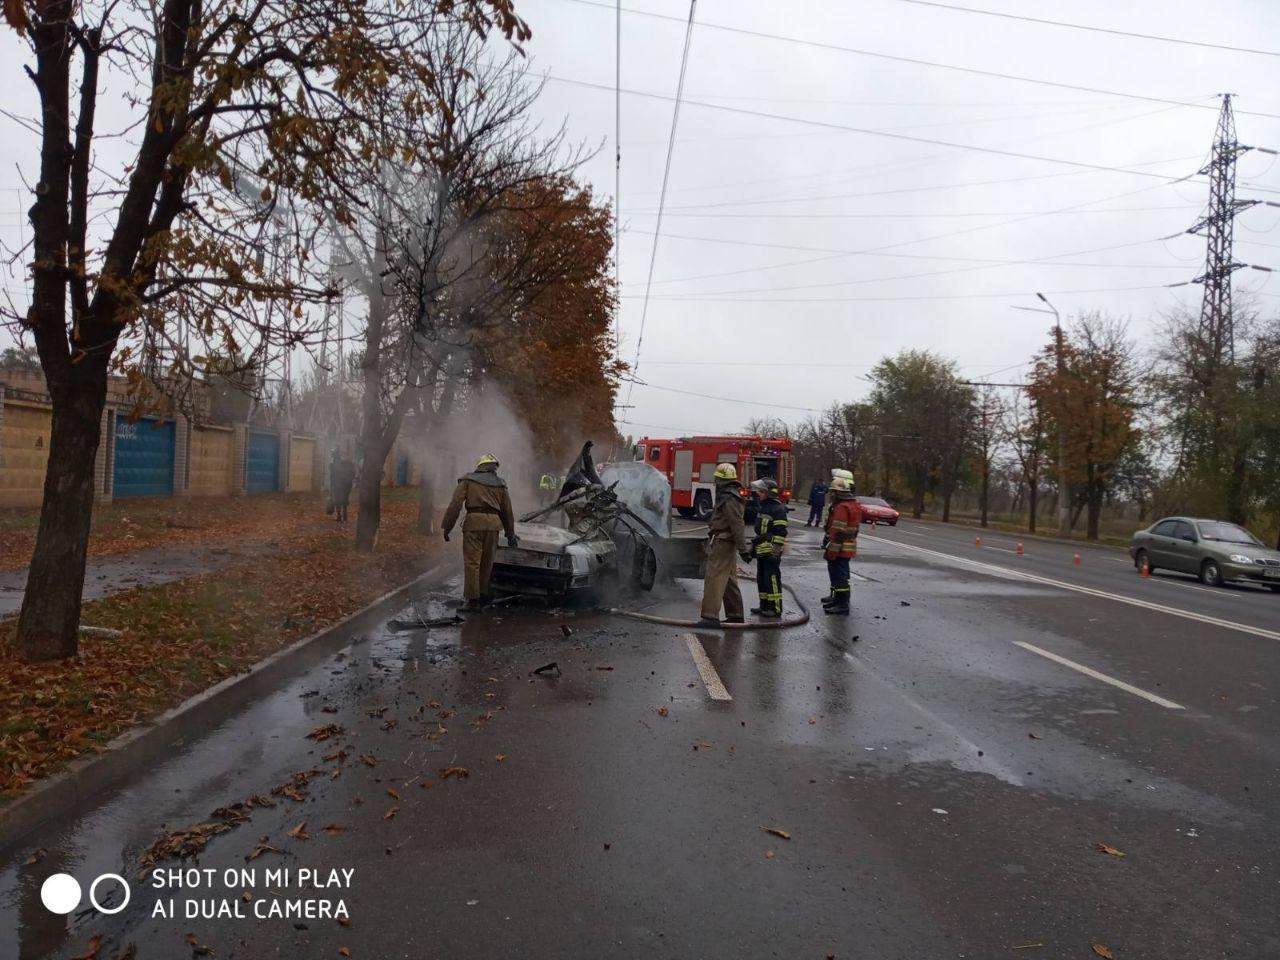 После столкновения с деревом в Кривом Роге сгорела иномарка. Водитель госпитализирована, - ФОТО, ВИДЕО, фото-4